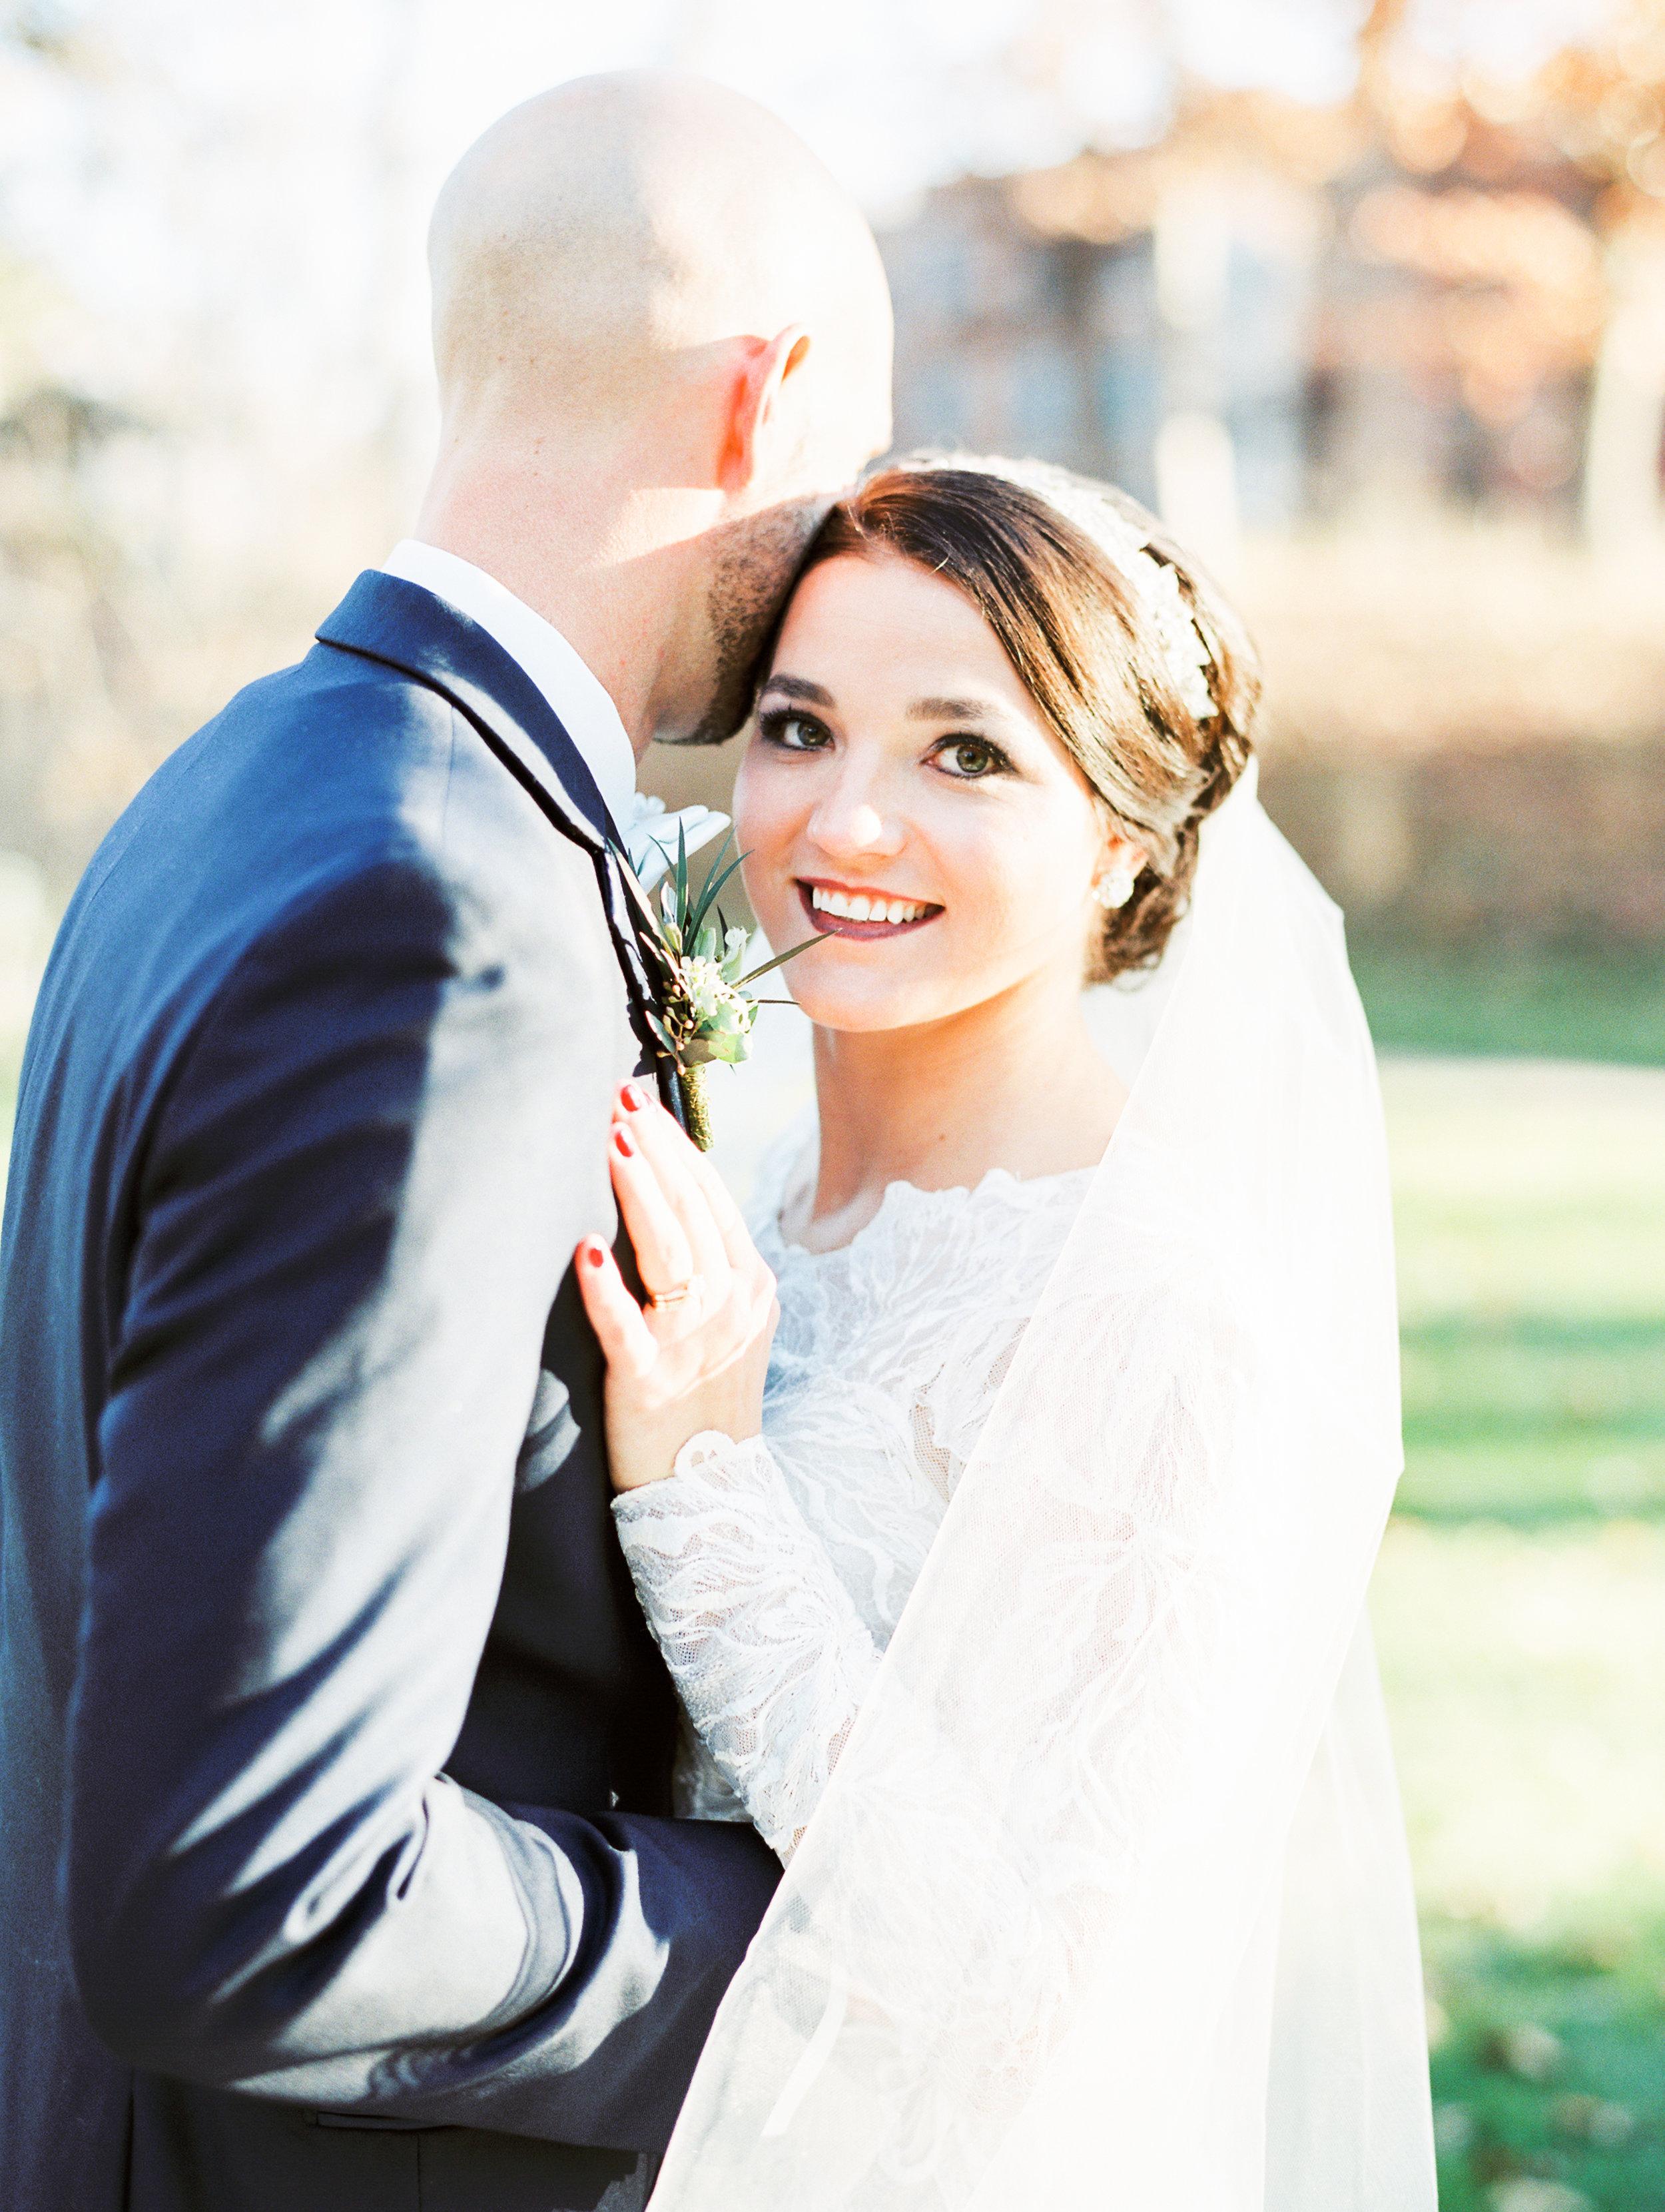 Vogelzang+Wedding+Bride+Groom-67.jpg